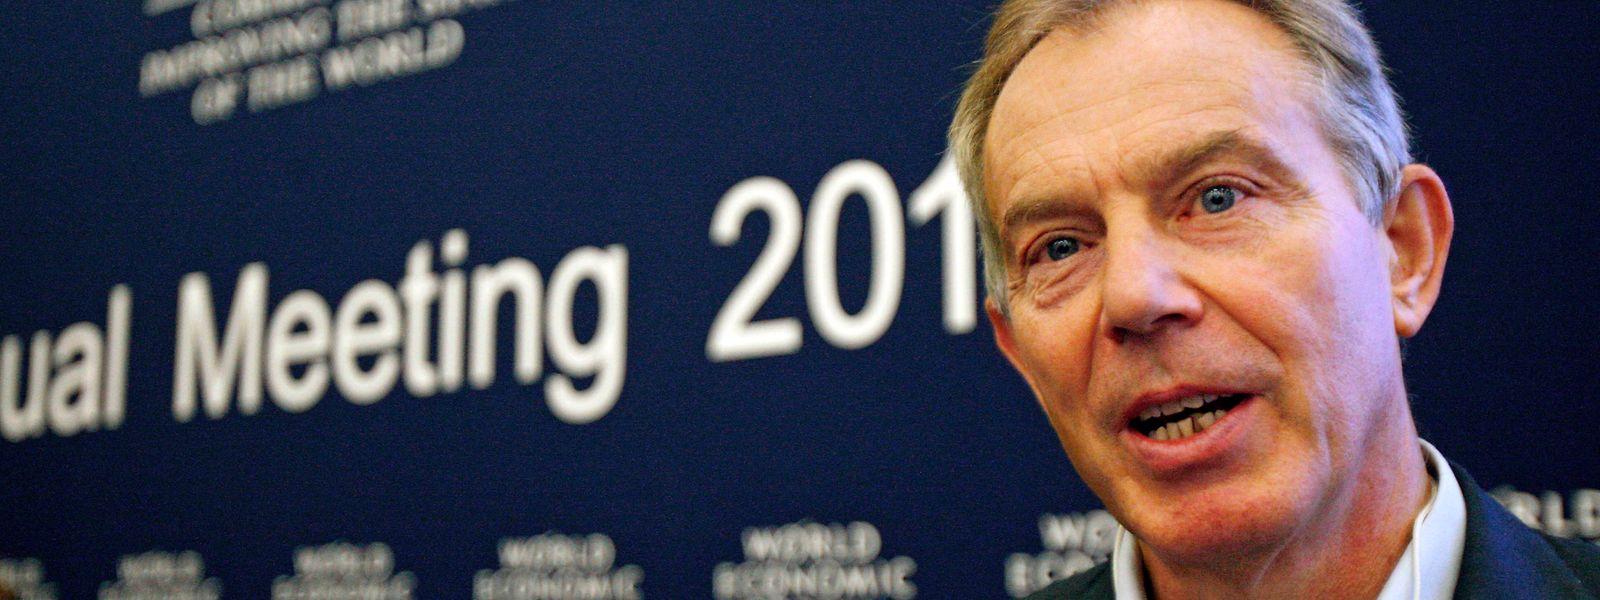 L'ancien Premier ministre britannique, Tony Blair, fait partie des personnalités mises en cause.